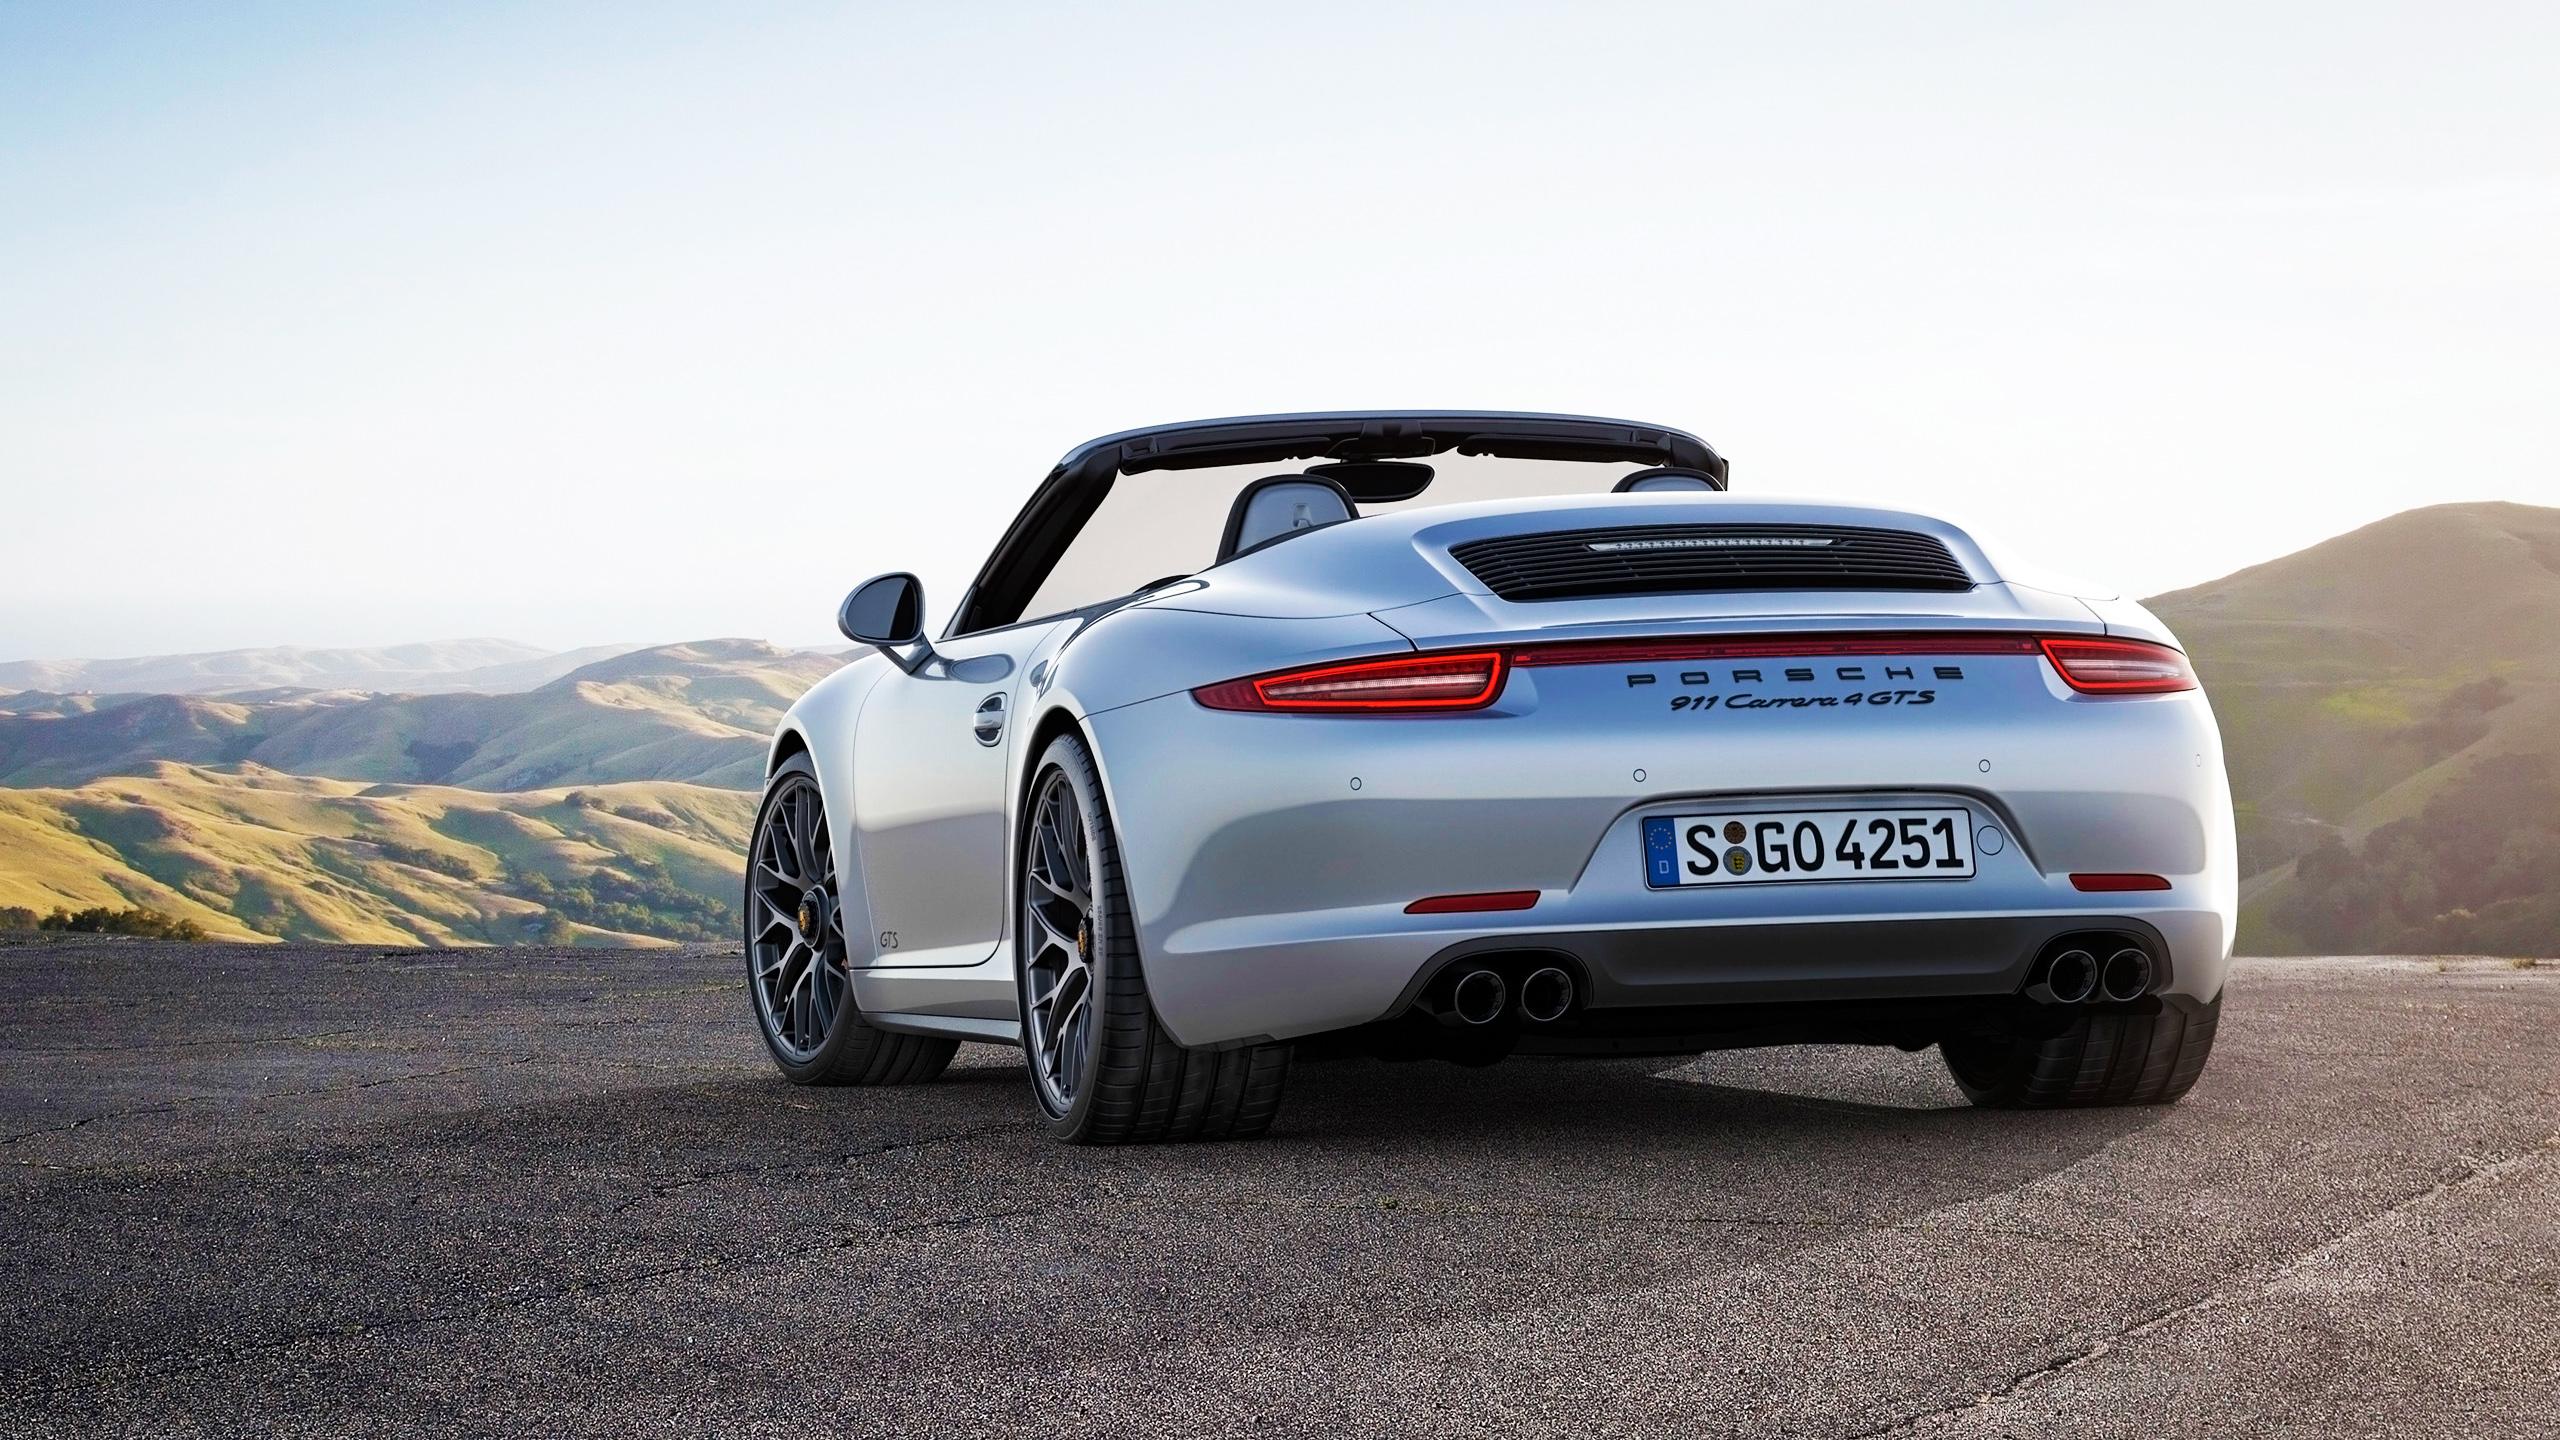 2015 Porsche 911 Carrera GTS 4 Cabriolet Car HD Wallpaper 2560x1440